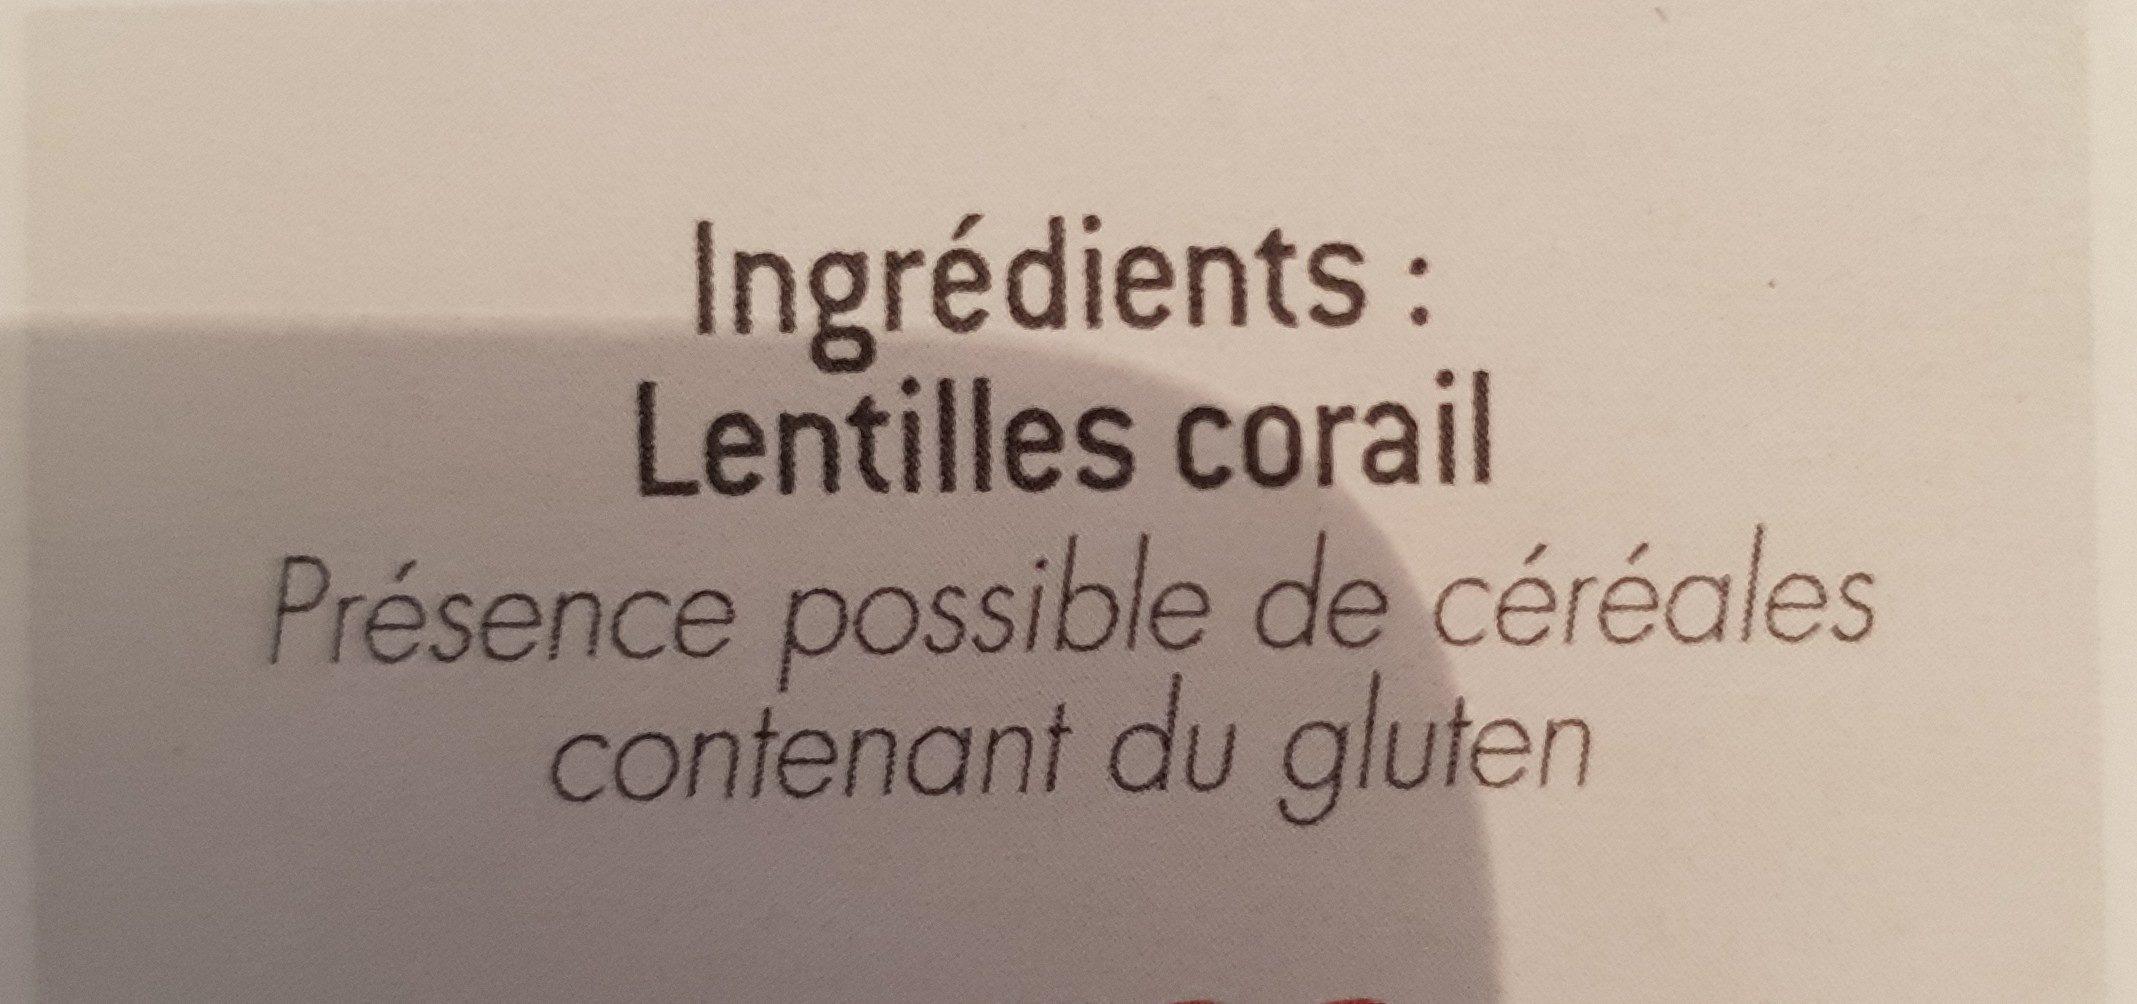 Lentilles corail - Ingrédients